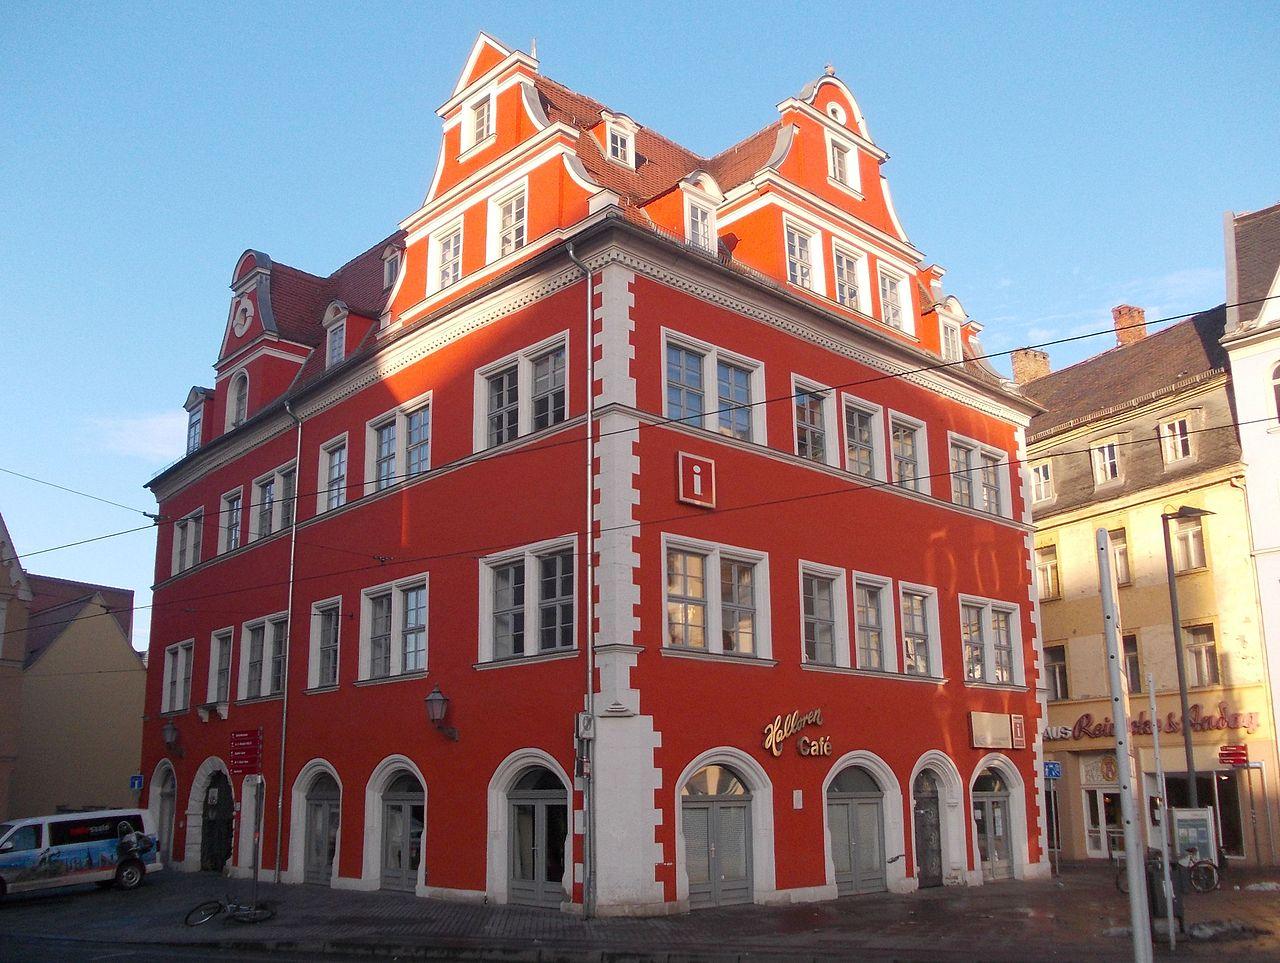 Bild Marktschlösschen Halle Saale